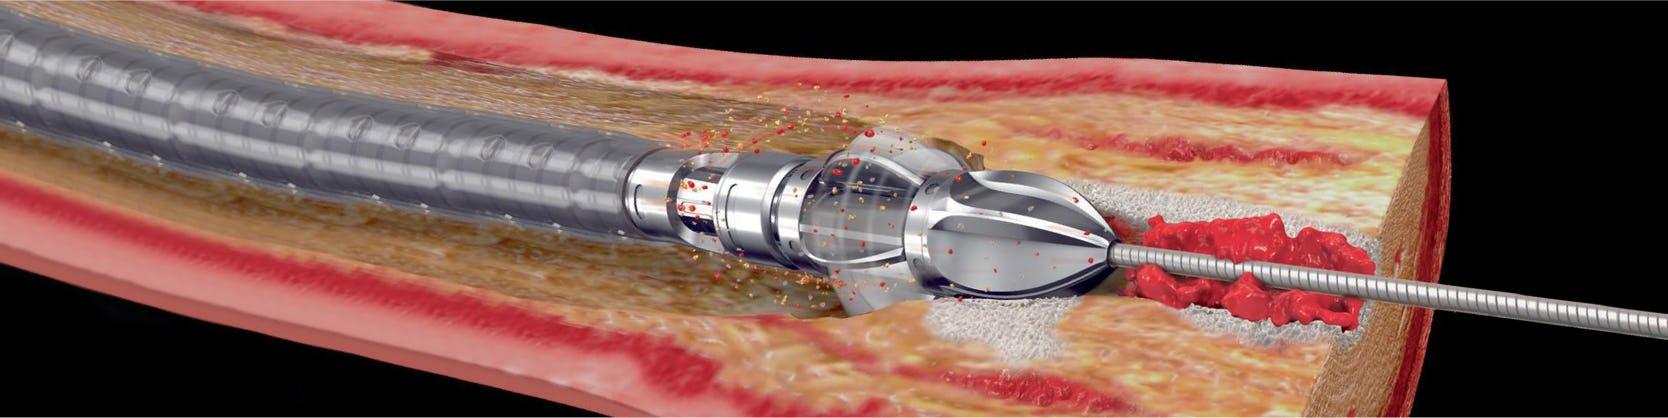 Procedura JetStream – sistem de aterectomie pentru dezobstrucția arterelor sever calcifiate